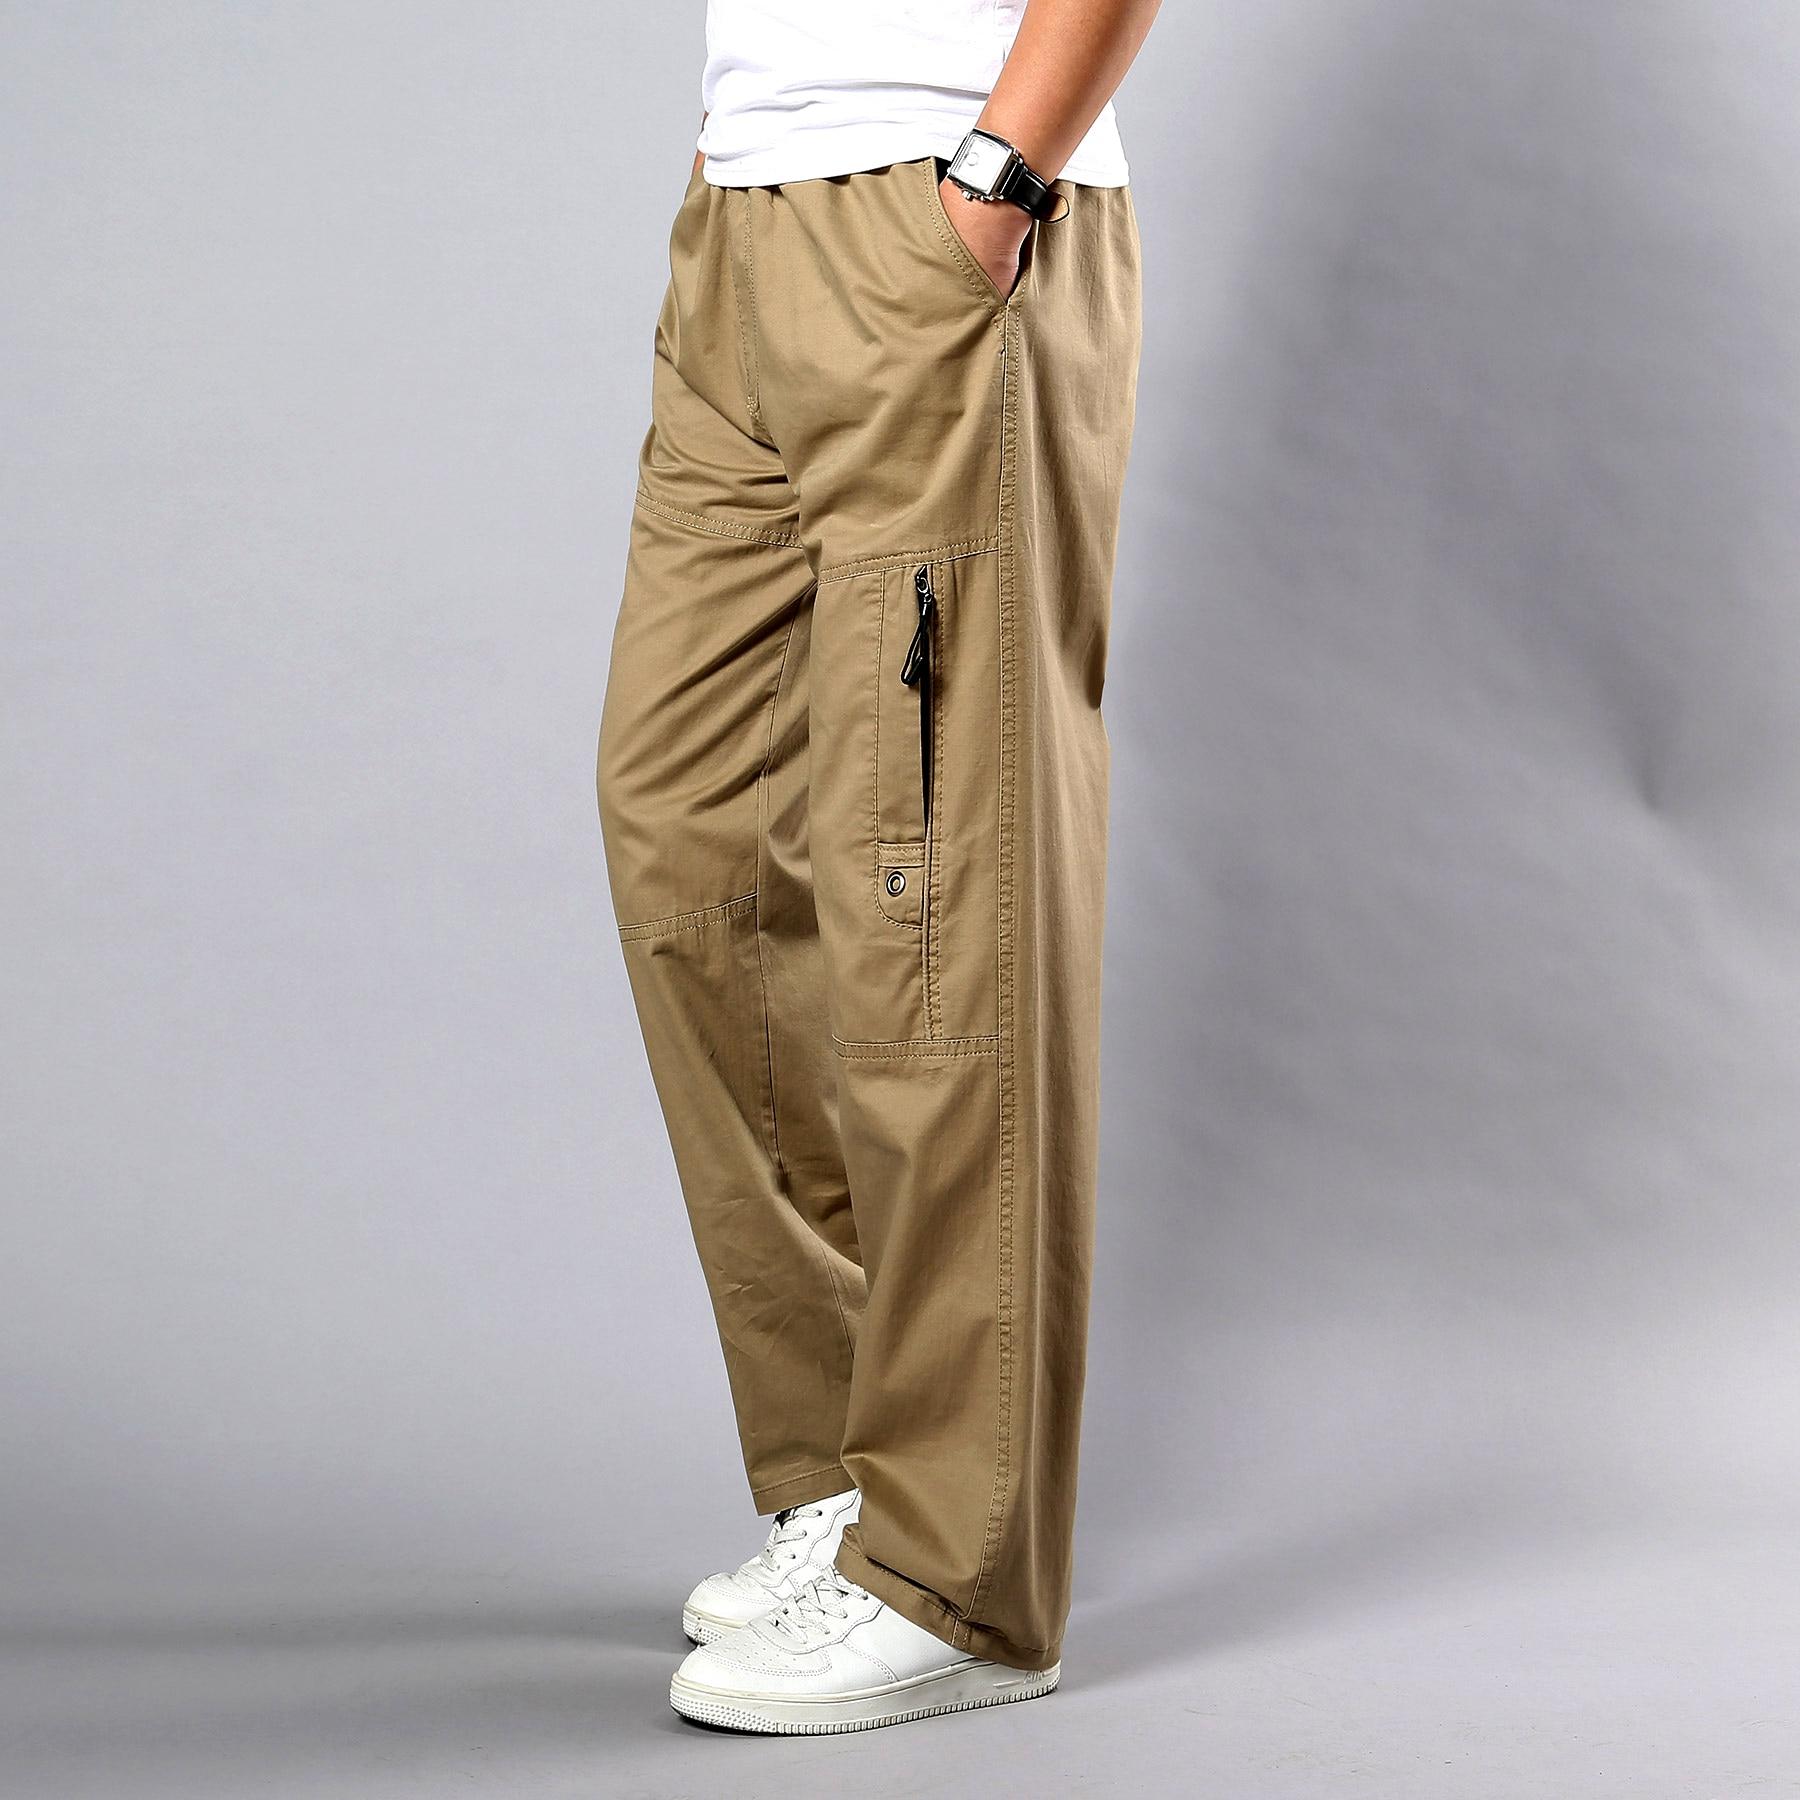 Мужские повседневные брюки, осенняя модель, мужские прямые брюки-карго с боковым карманом, размеры 5Xl, тактические черные хлопковые брюки с ...